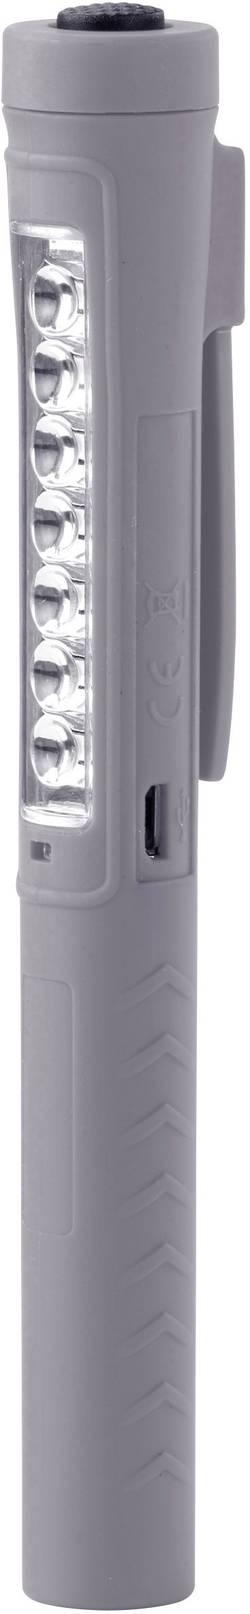 Lampe de travail Ampercell AM 6649A à batterie 1 W